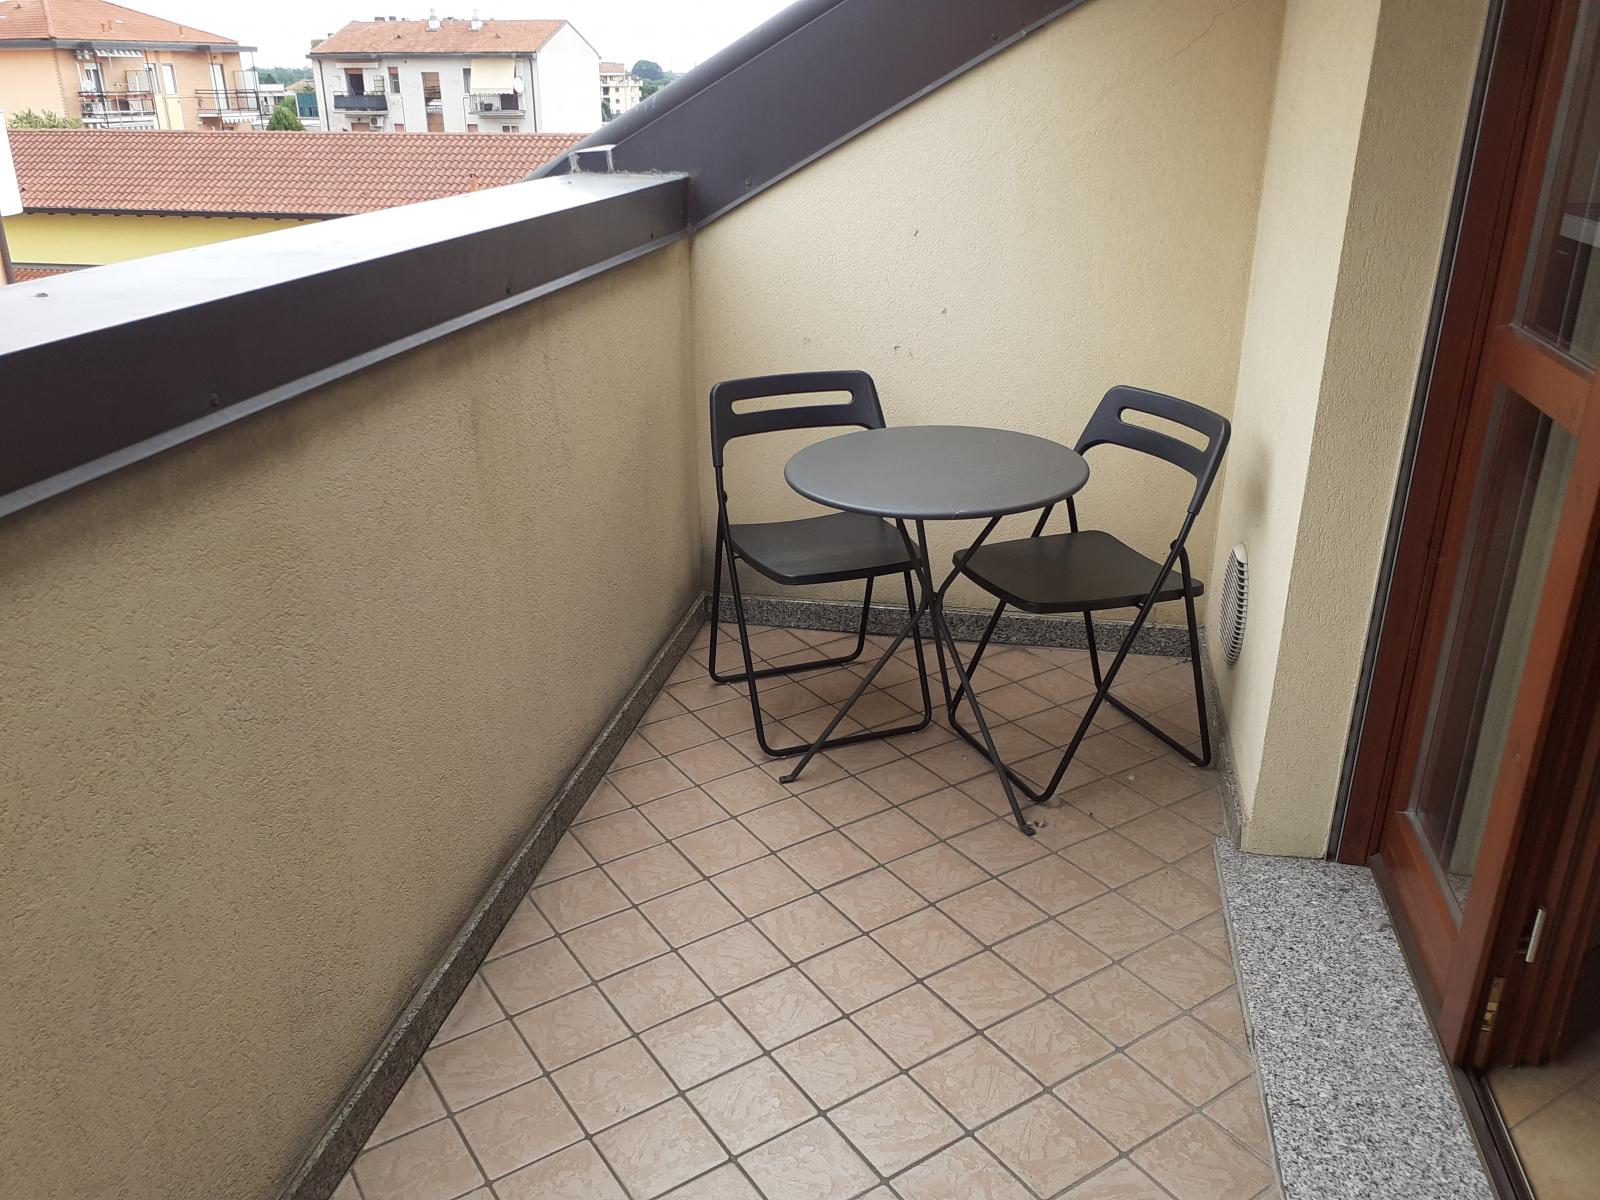 appartamento-in-vendita-bareggio-2-locali-bilocale-spaziourbano-immobiliare-vende-16